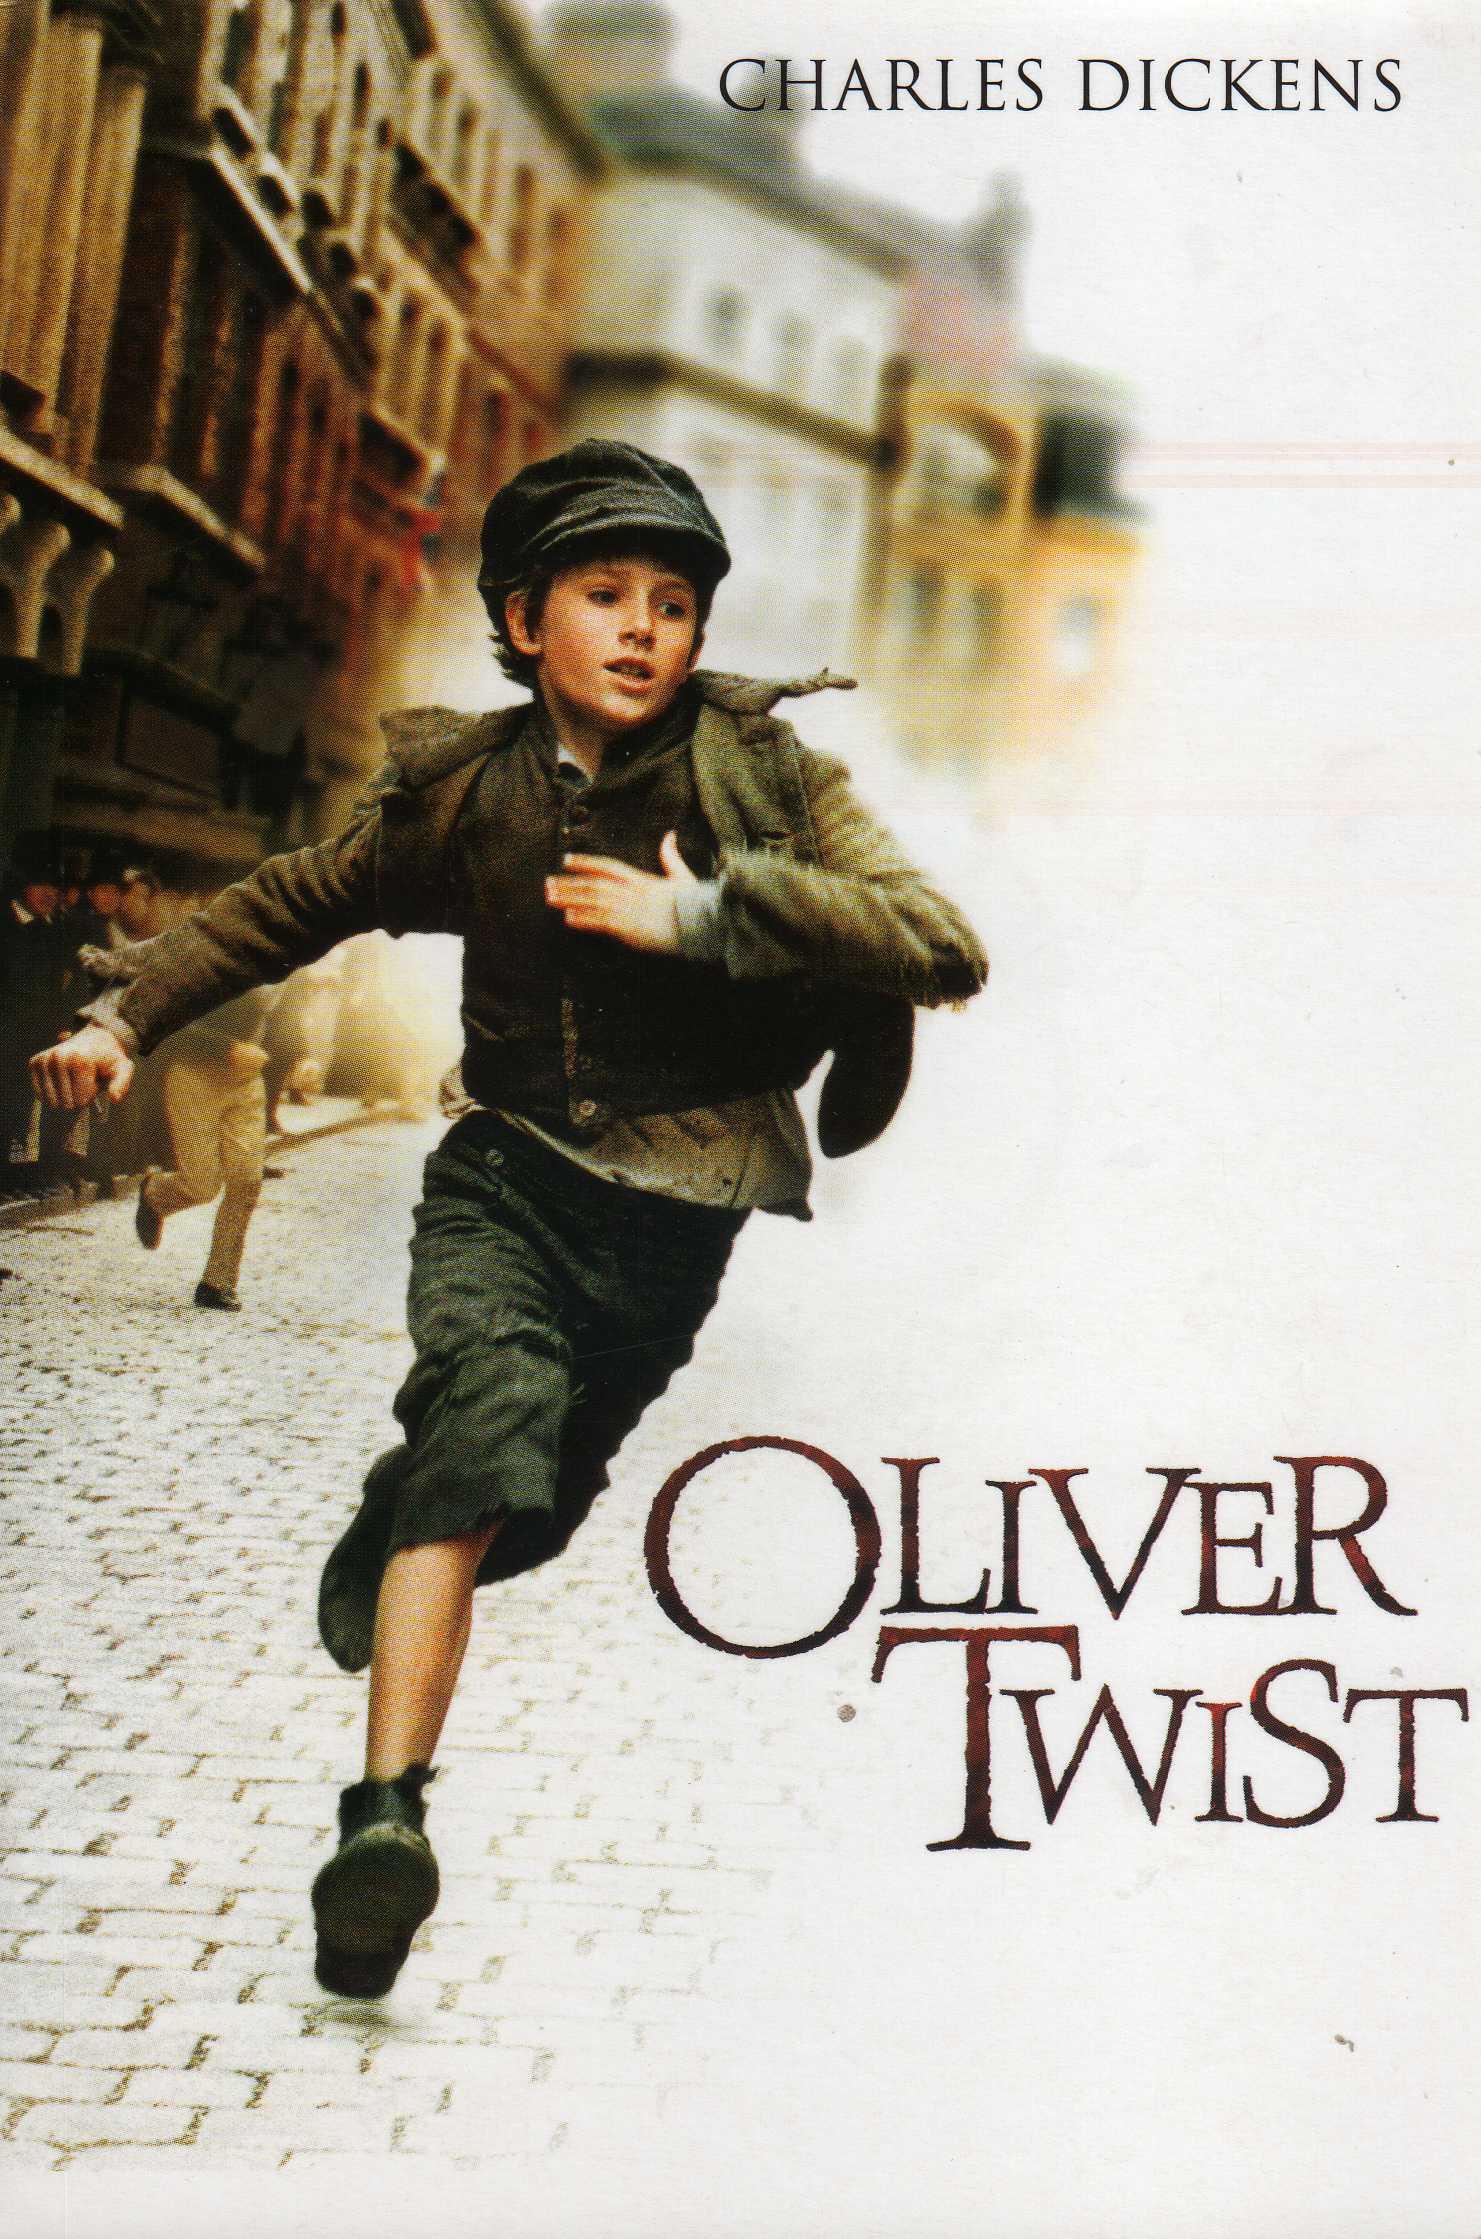 Couvertures images et illustrations de Oliver Twist de 1481x2239